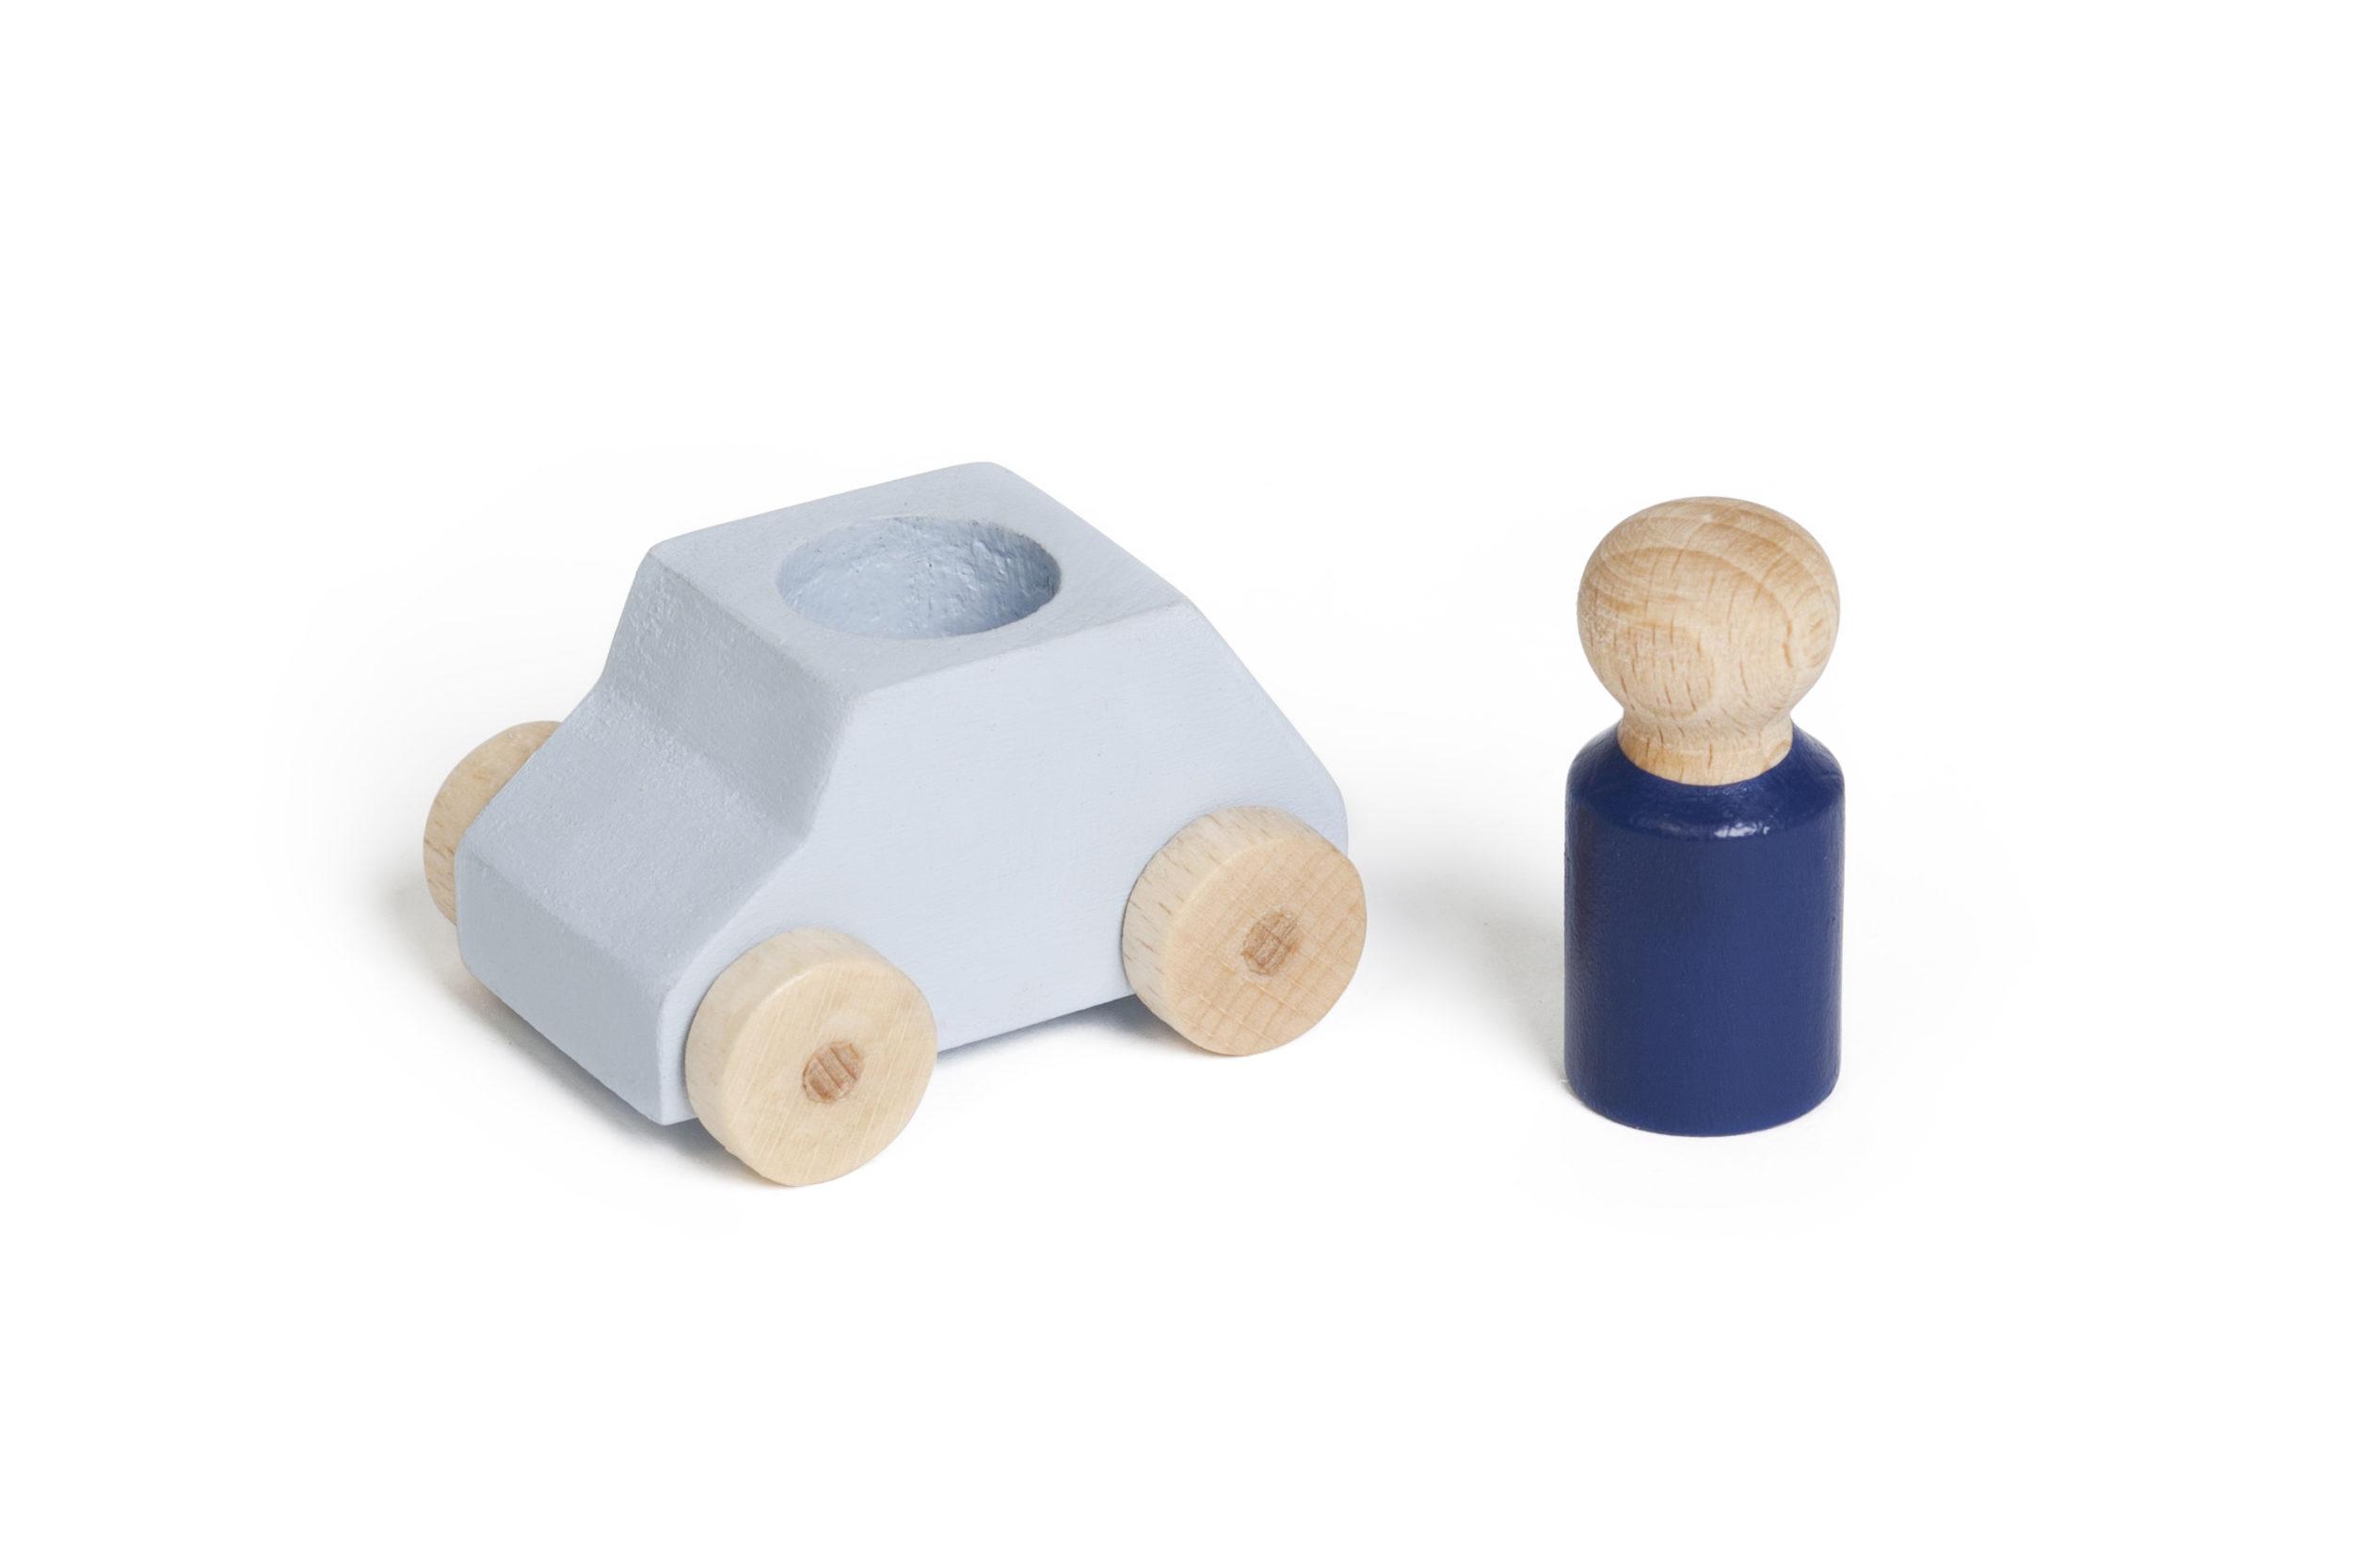 Hellgraues Spielzeugauto von Lubulona mit blauer Holzfigur.